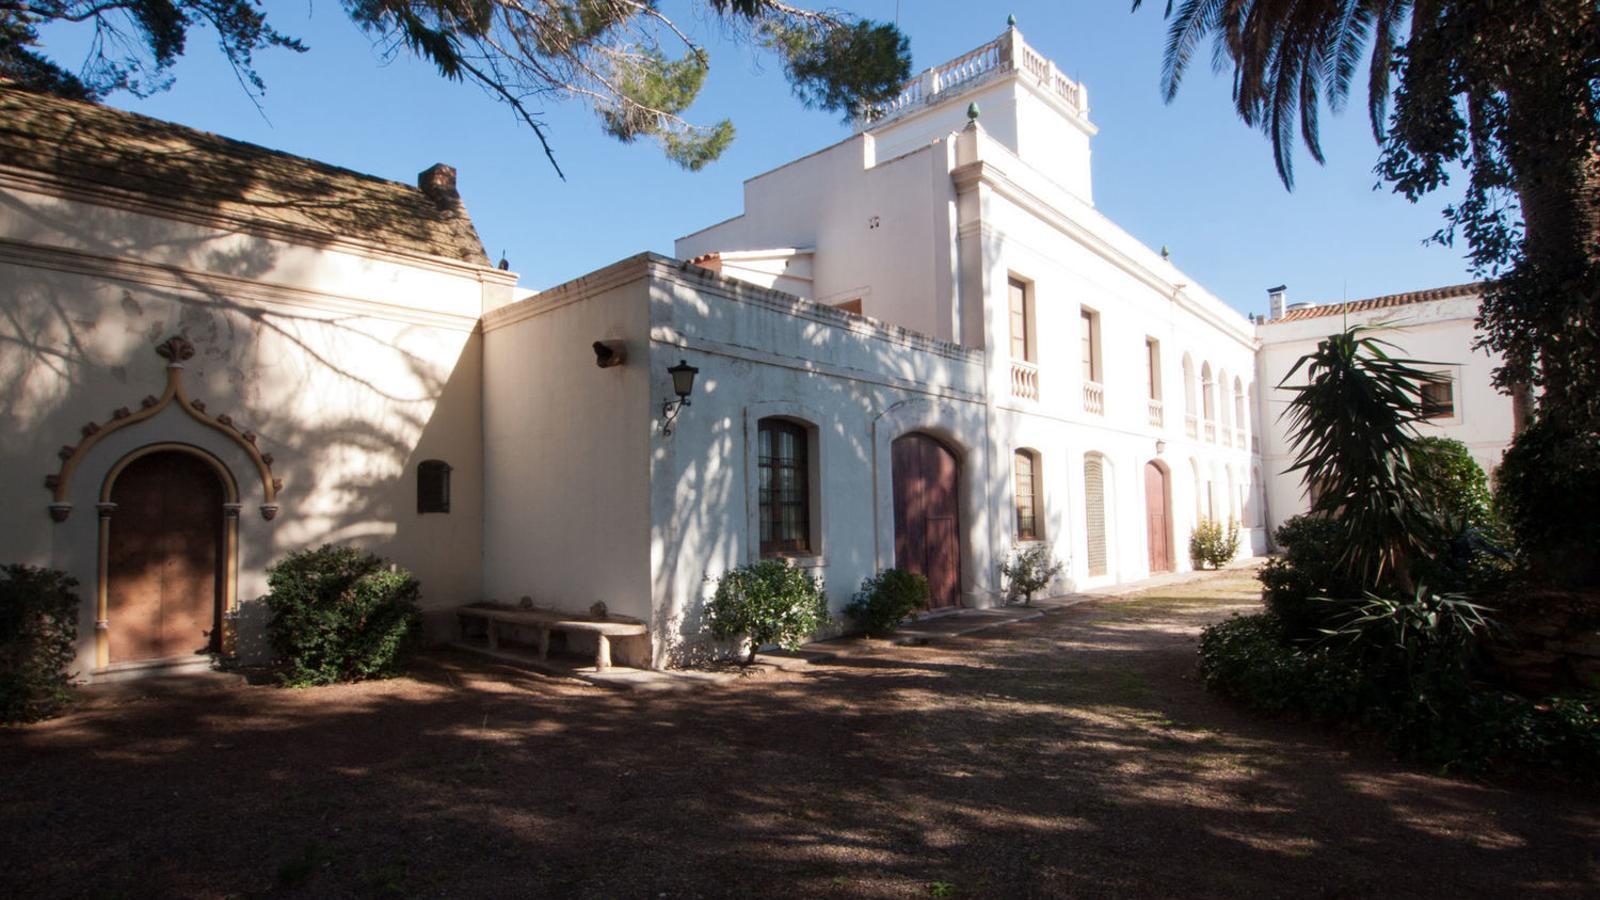 El projecte de la museïtzació de la  Masia Mas Miró rep una subvenció de 200.000 euros del govern espanyol